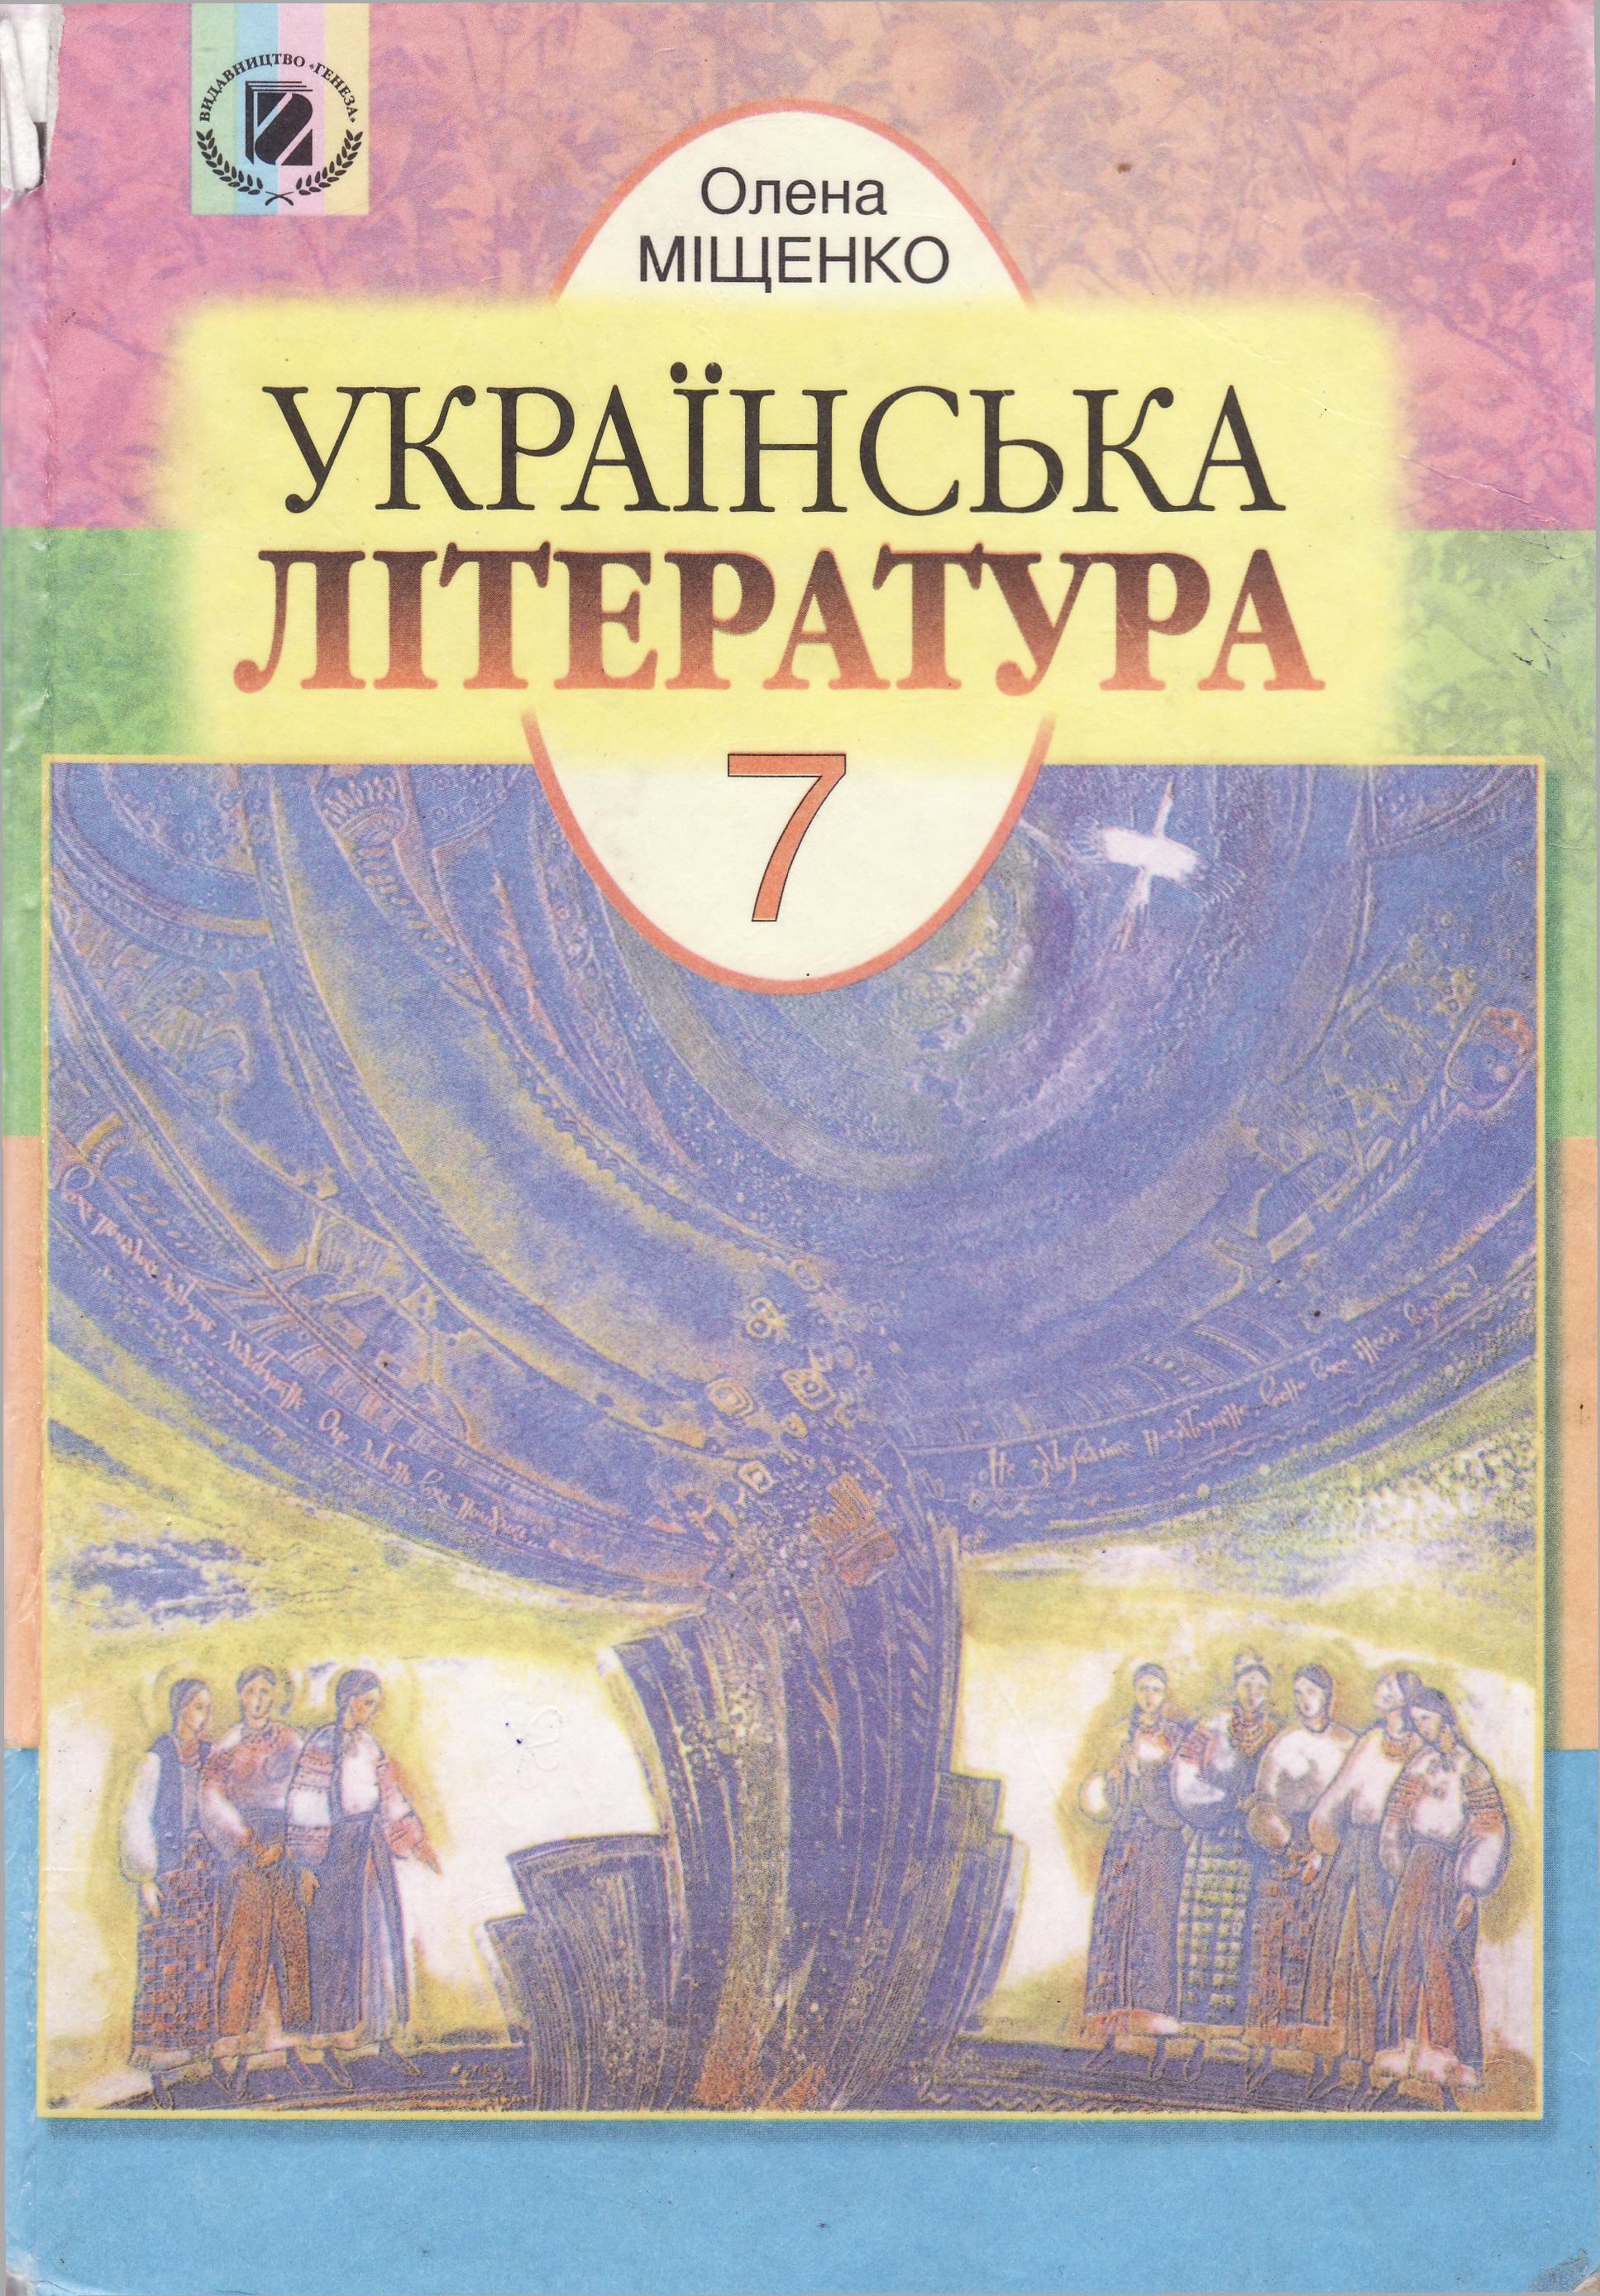 Решебник По Украинской Литературе 7 Класс Мищенко Ответы На Вопросы